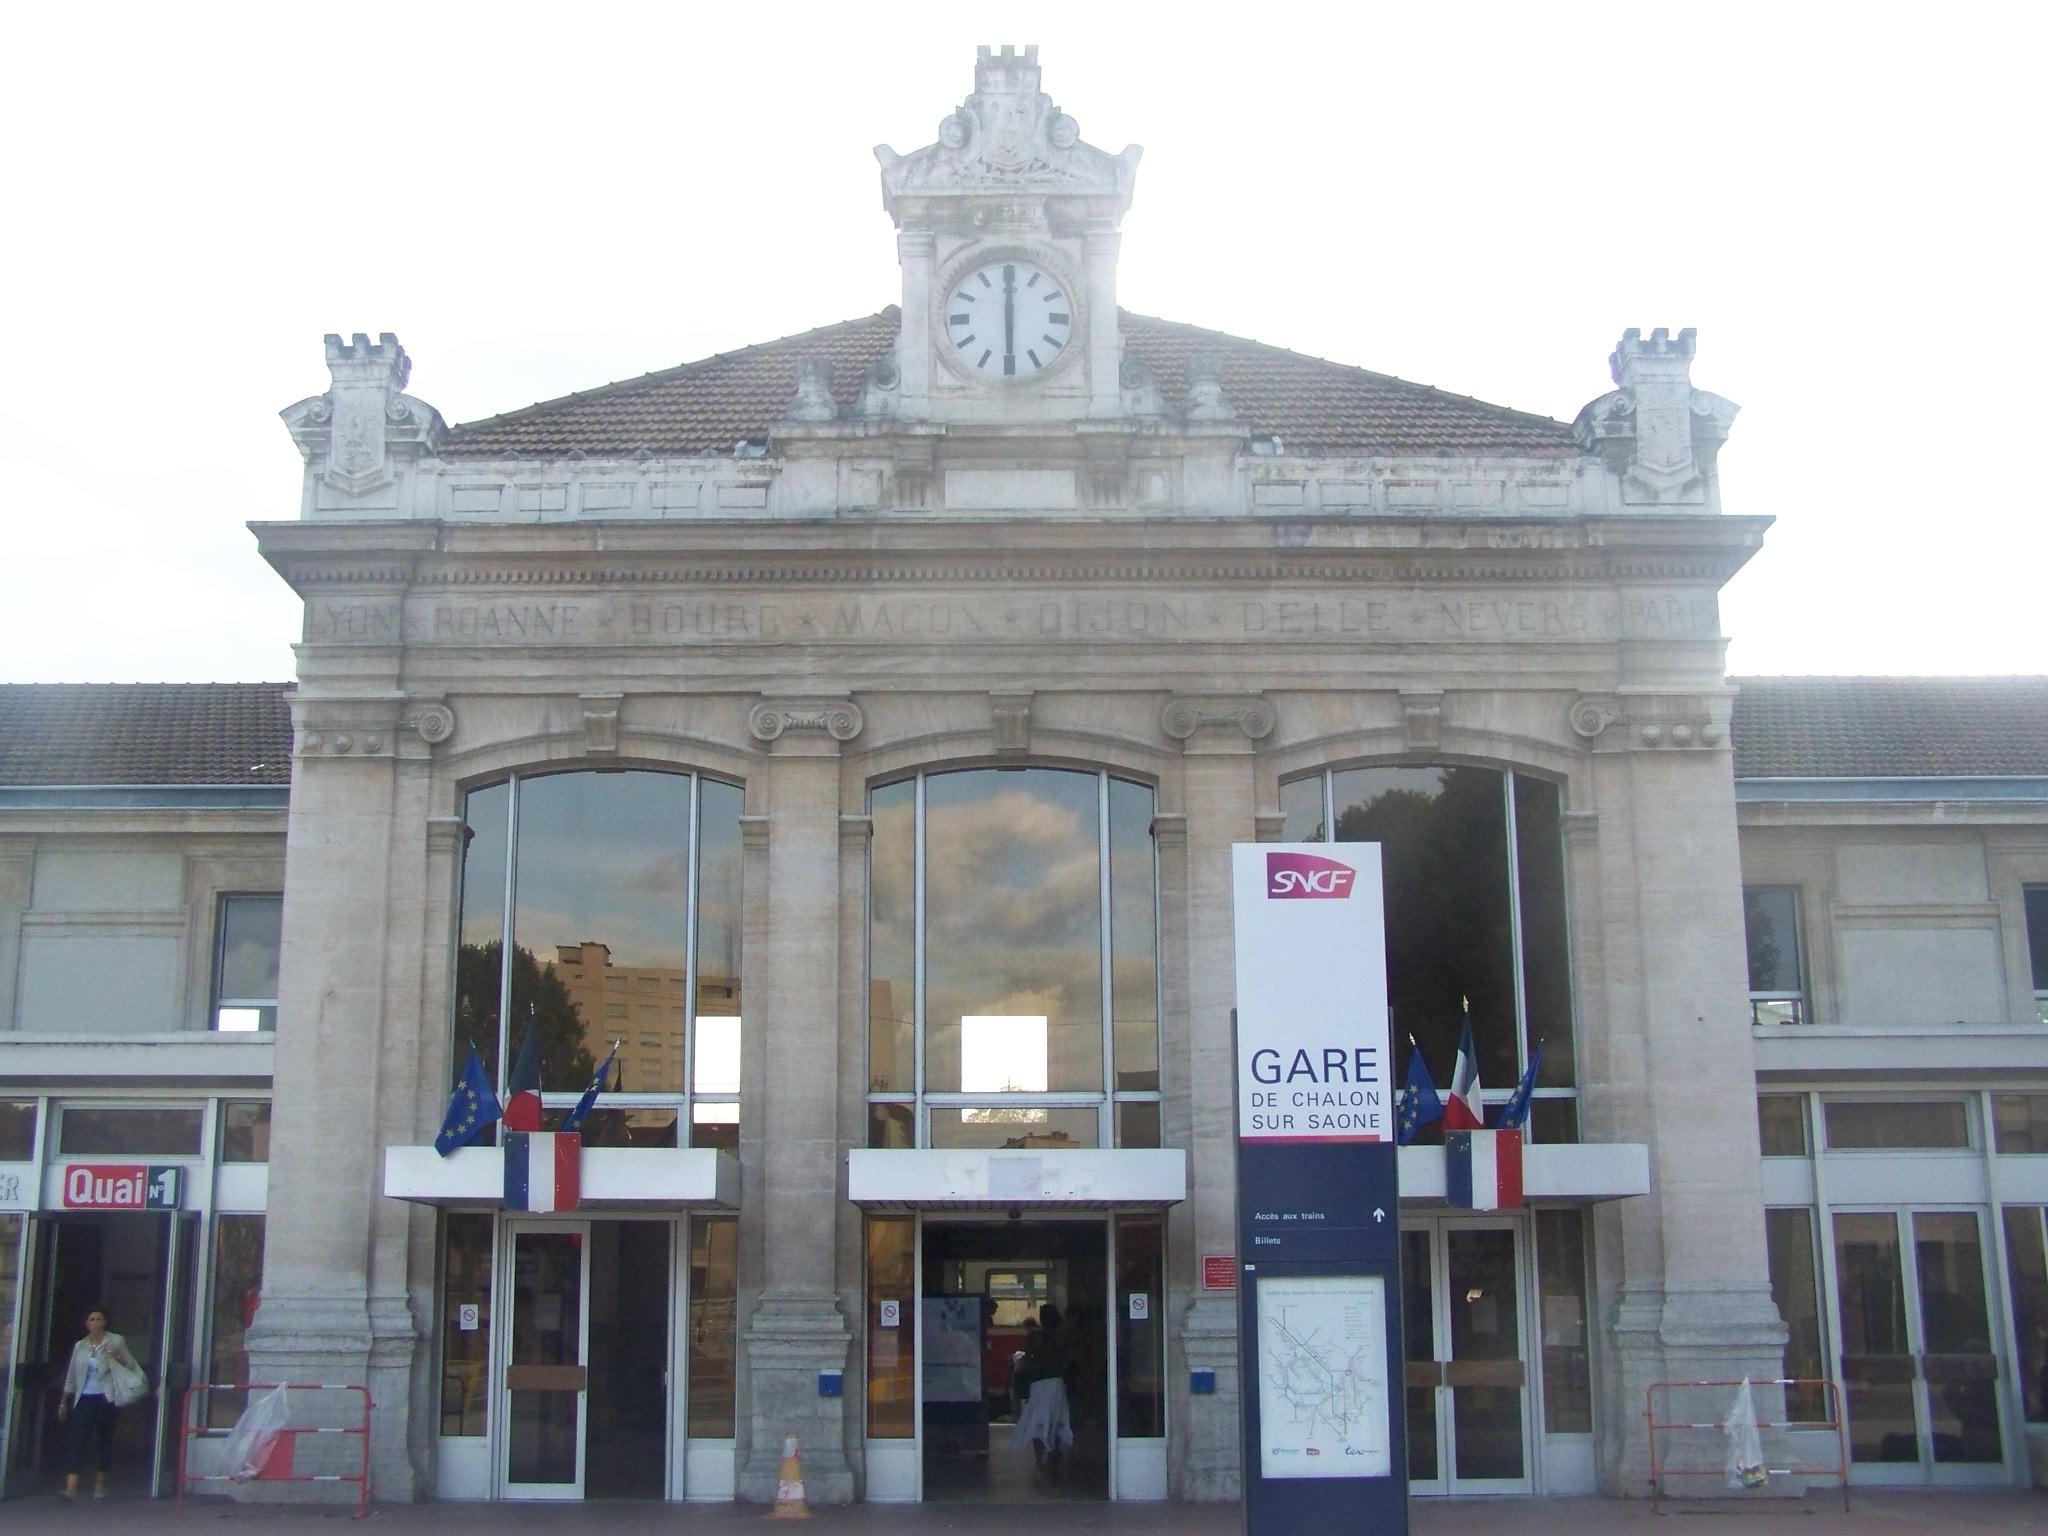 Gare de chalon sur sa ne wikiwand - Chambre de commerce chalon sur saone ...